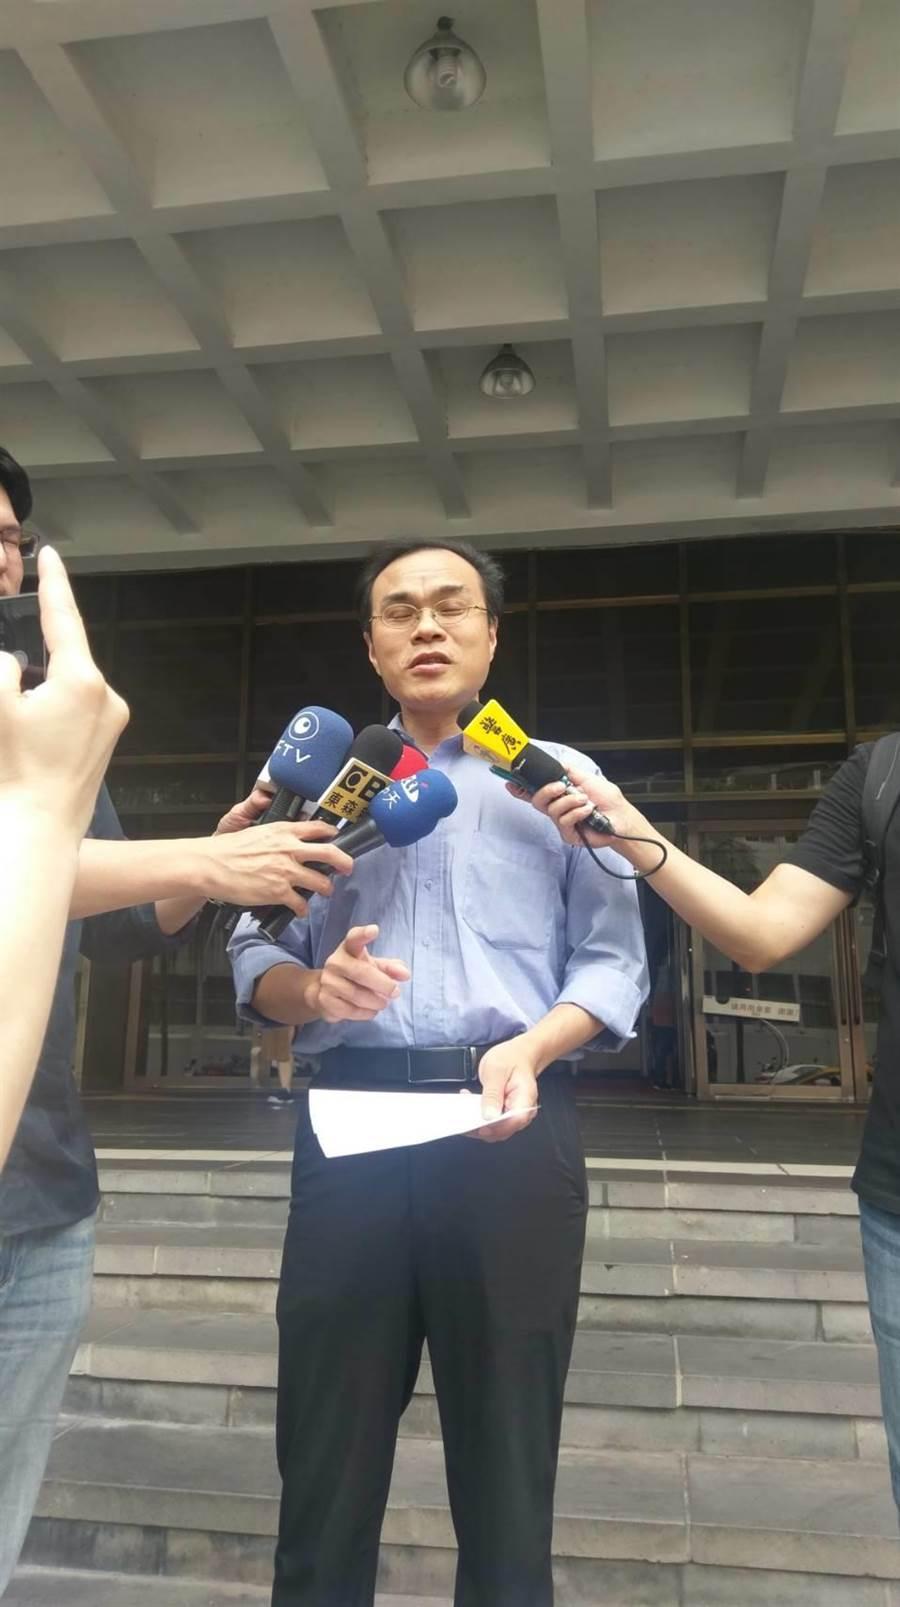 「劍青檢改」成員、台北地檢署檢察官林達(中)15日下午出面聲援遭彈劾的檢察官陳隆翔。(陳志賢攝)